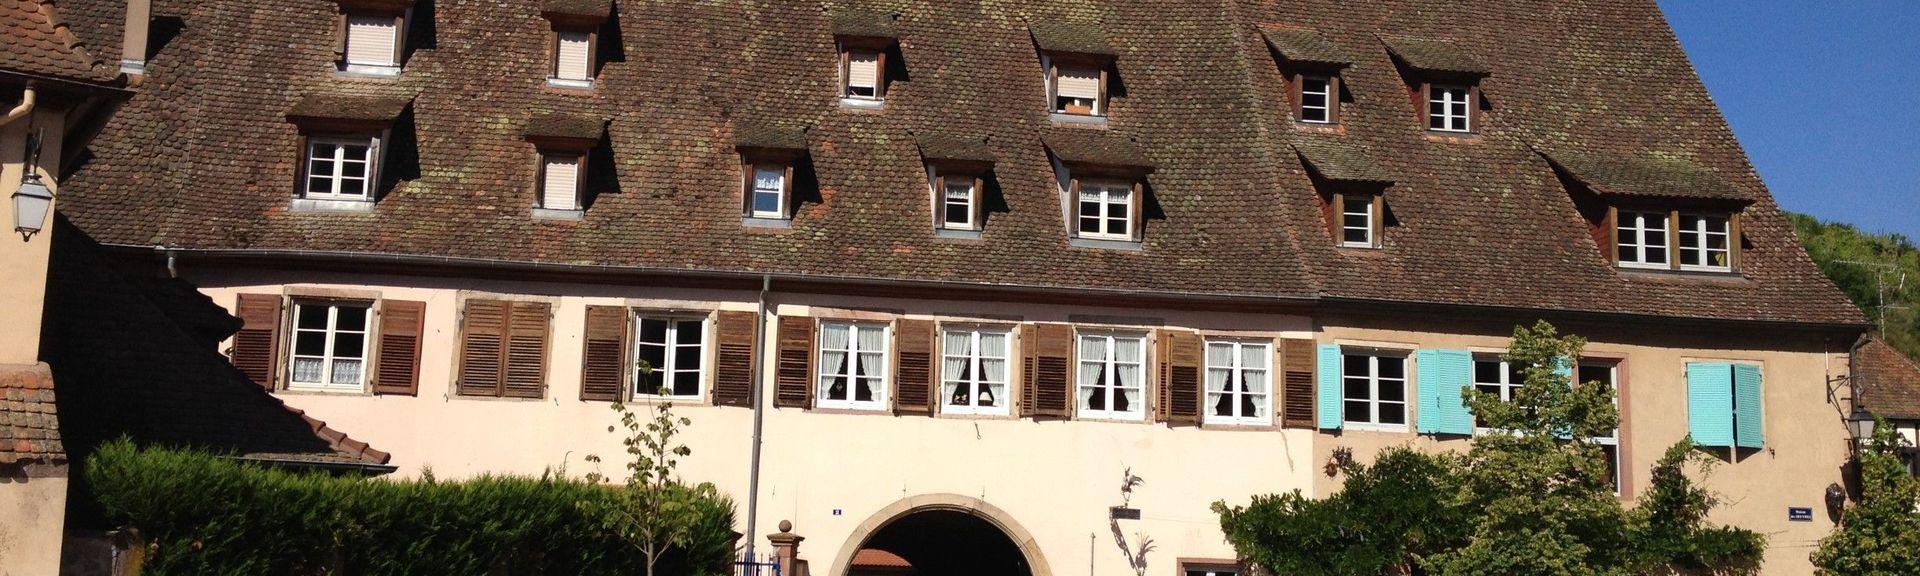 Andlau, Bas-Rhin (Département), Frankreich